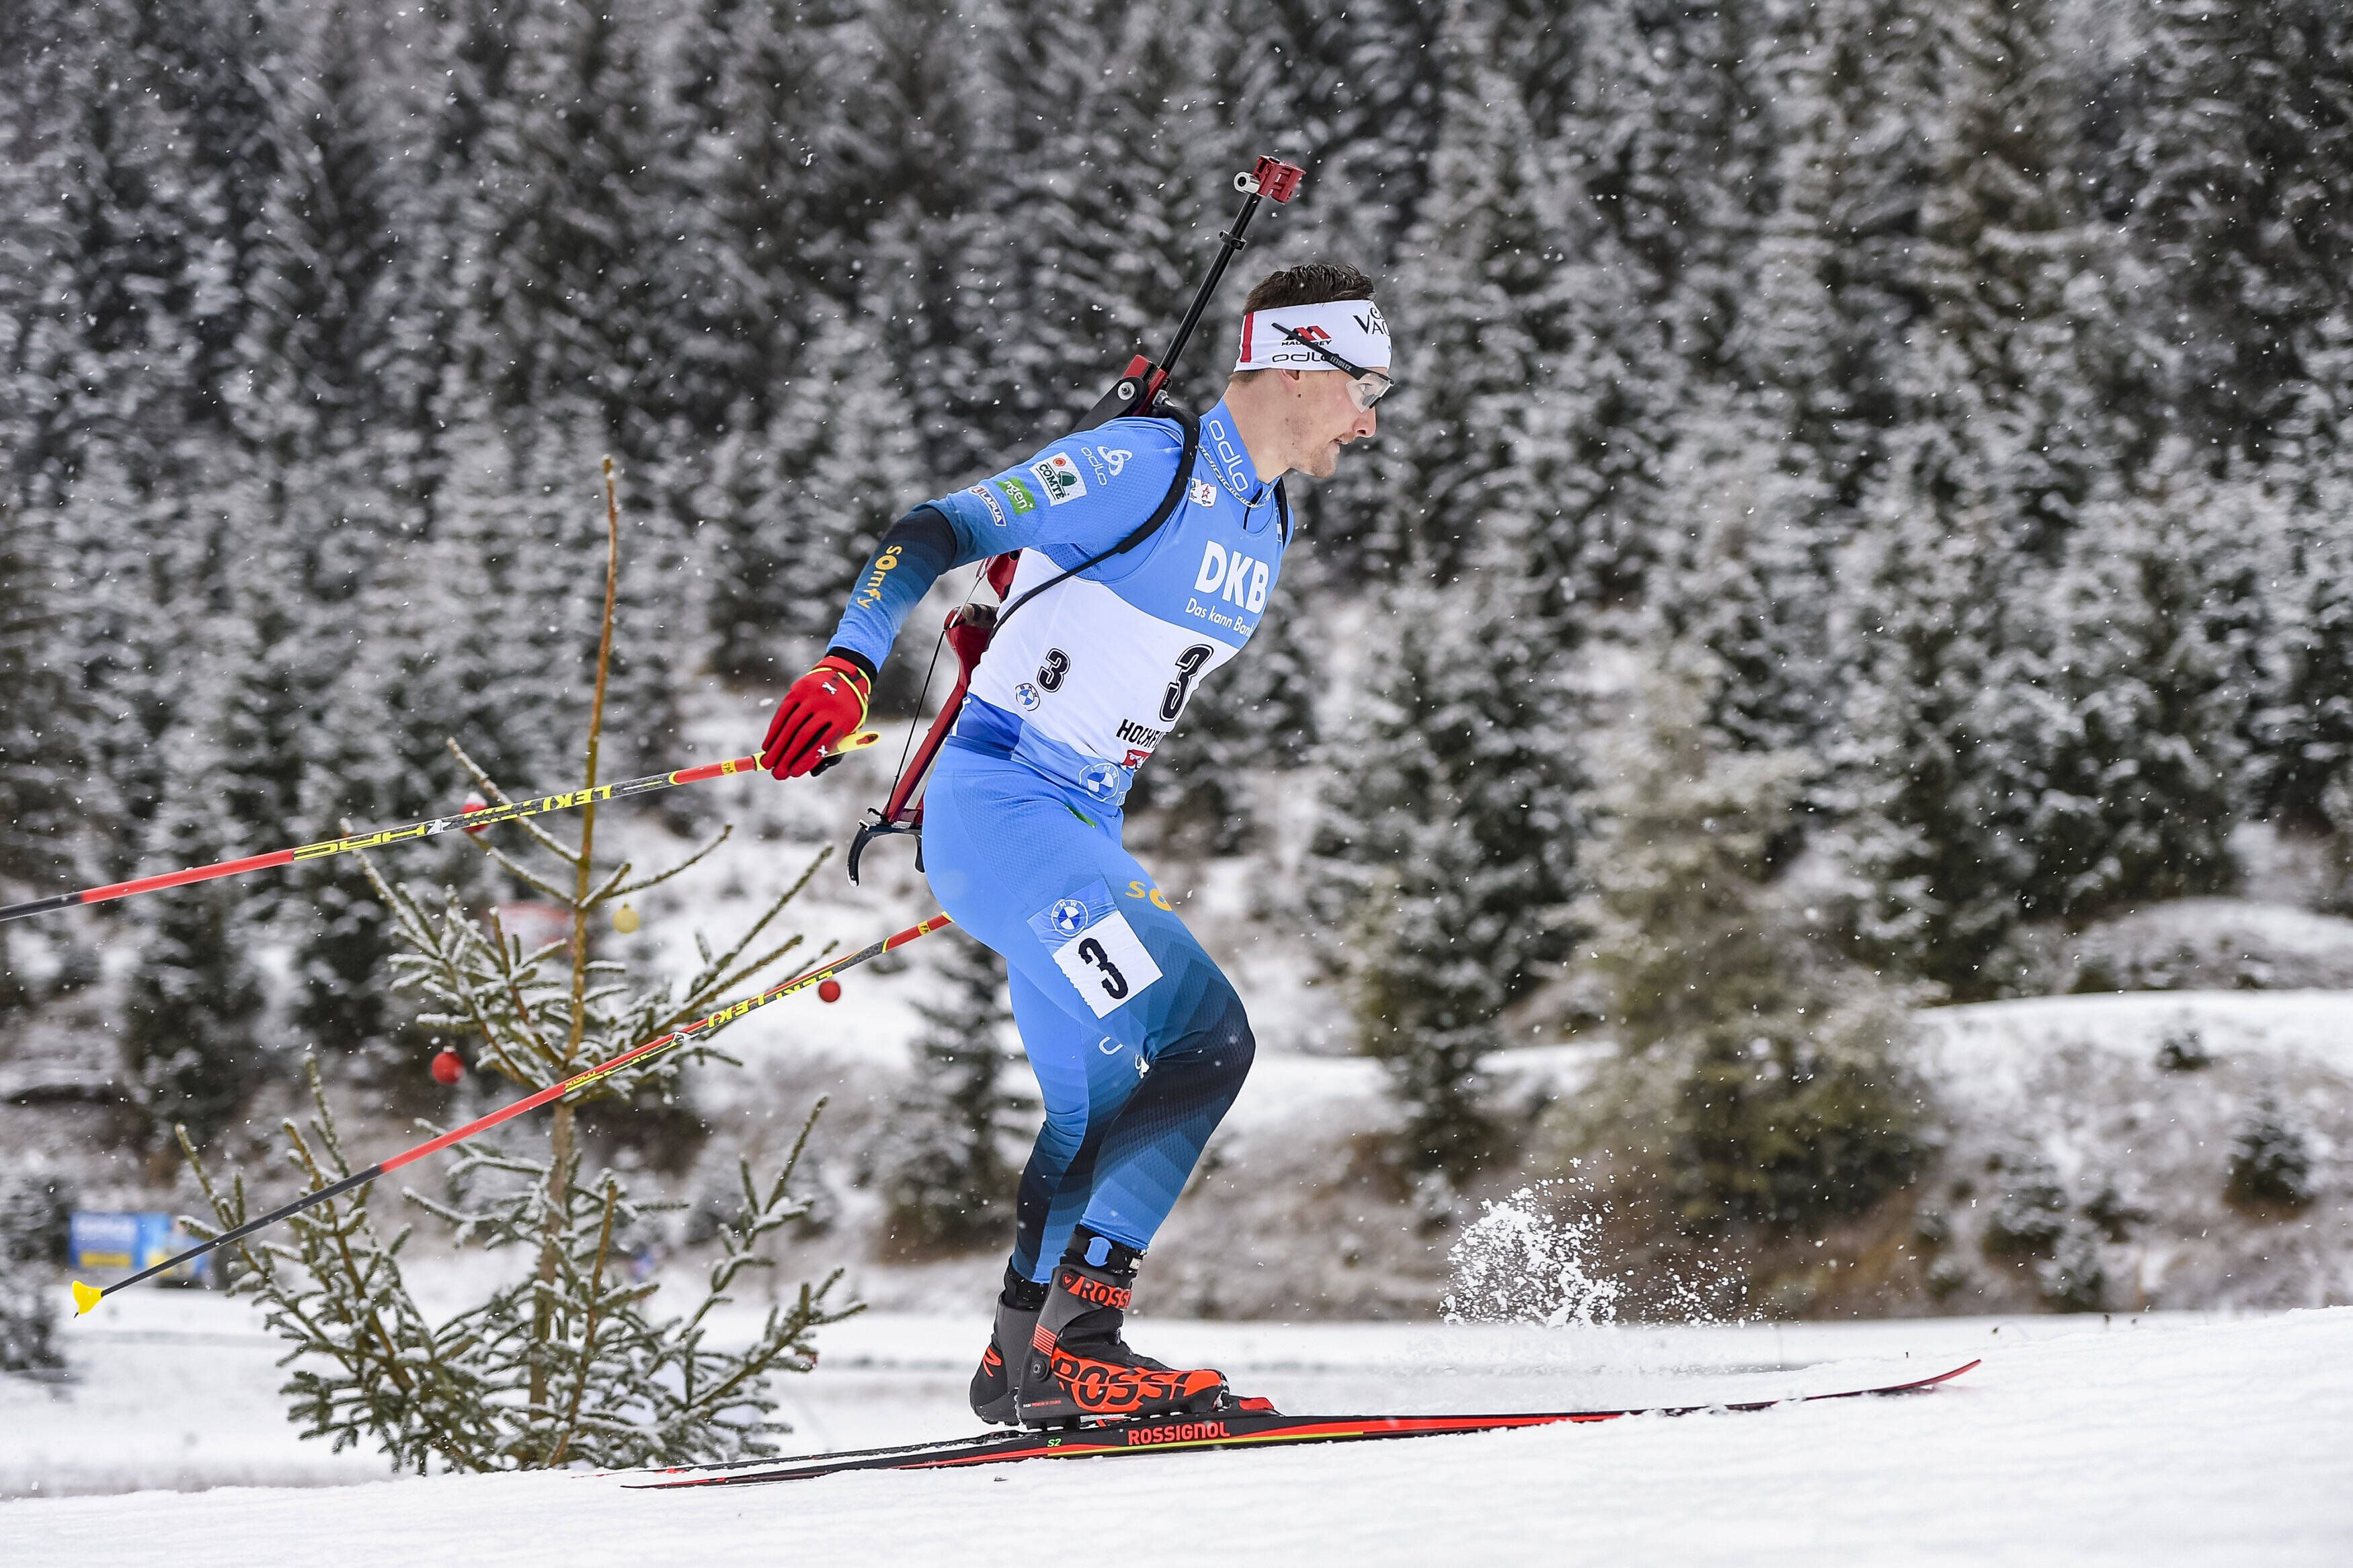 Олимпийский чемпион Редькин рассказал, как российским биатлонистам реабилитироваться за неудачи